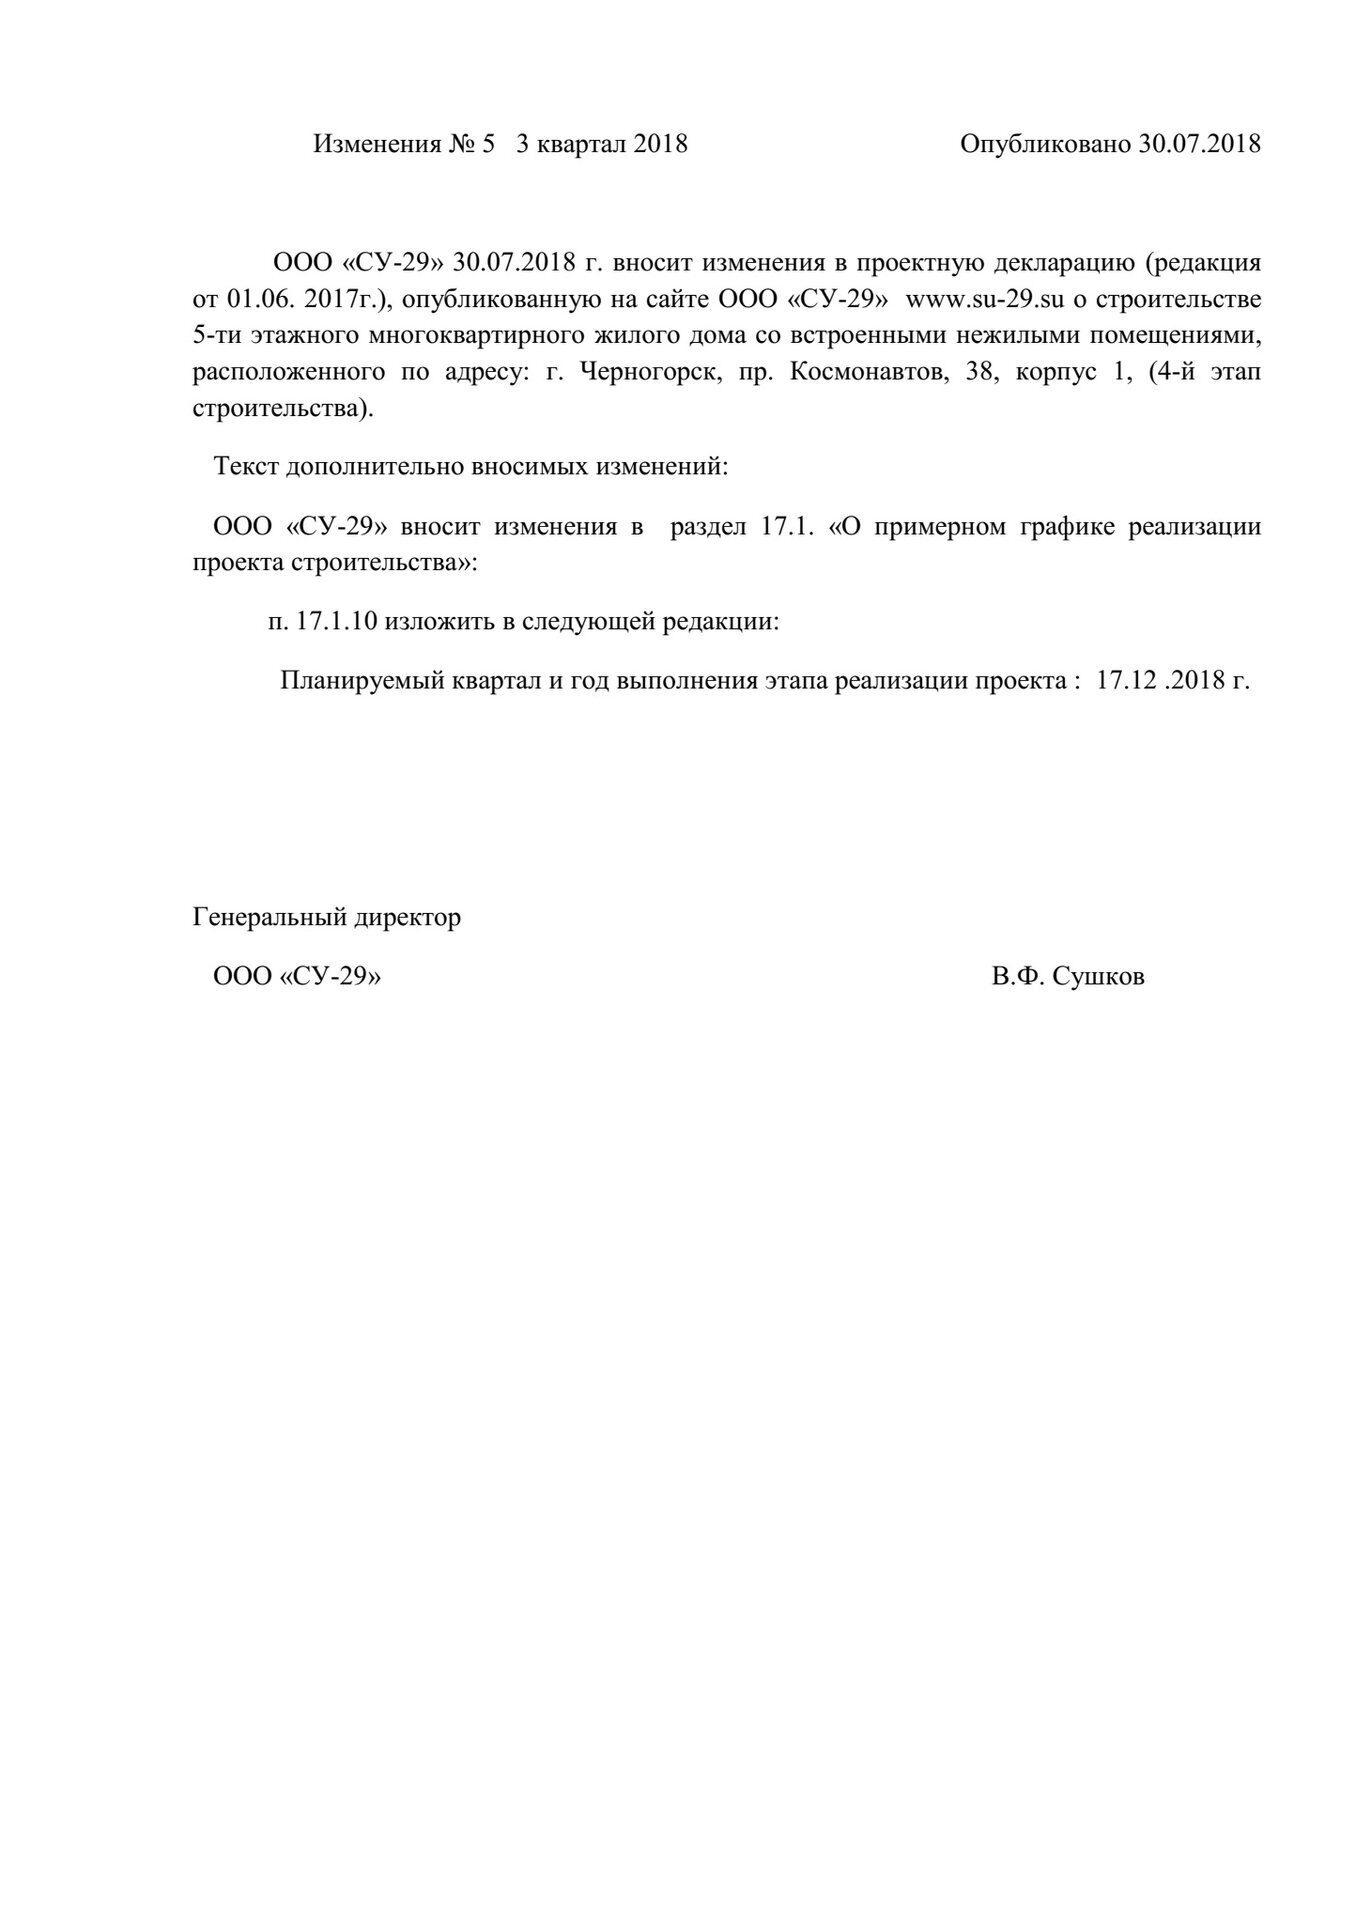 изменение №5